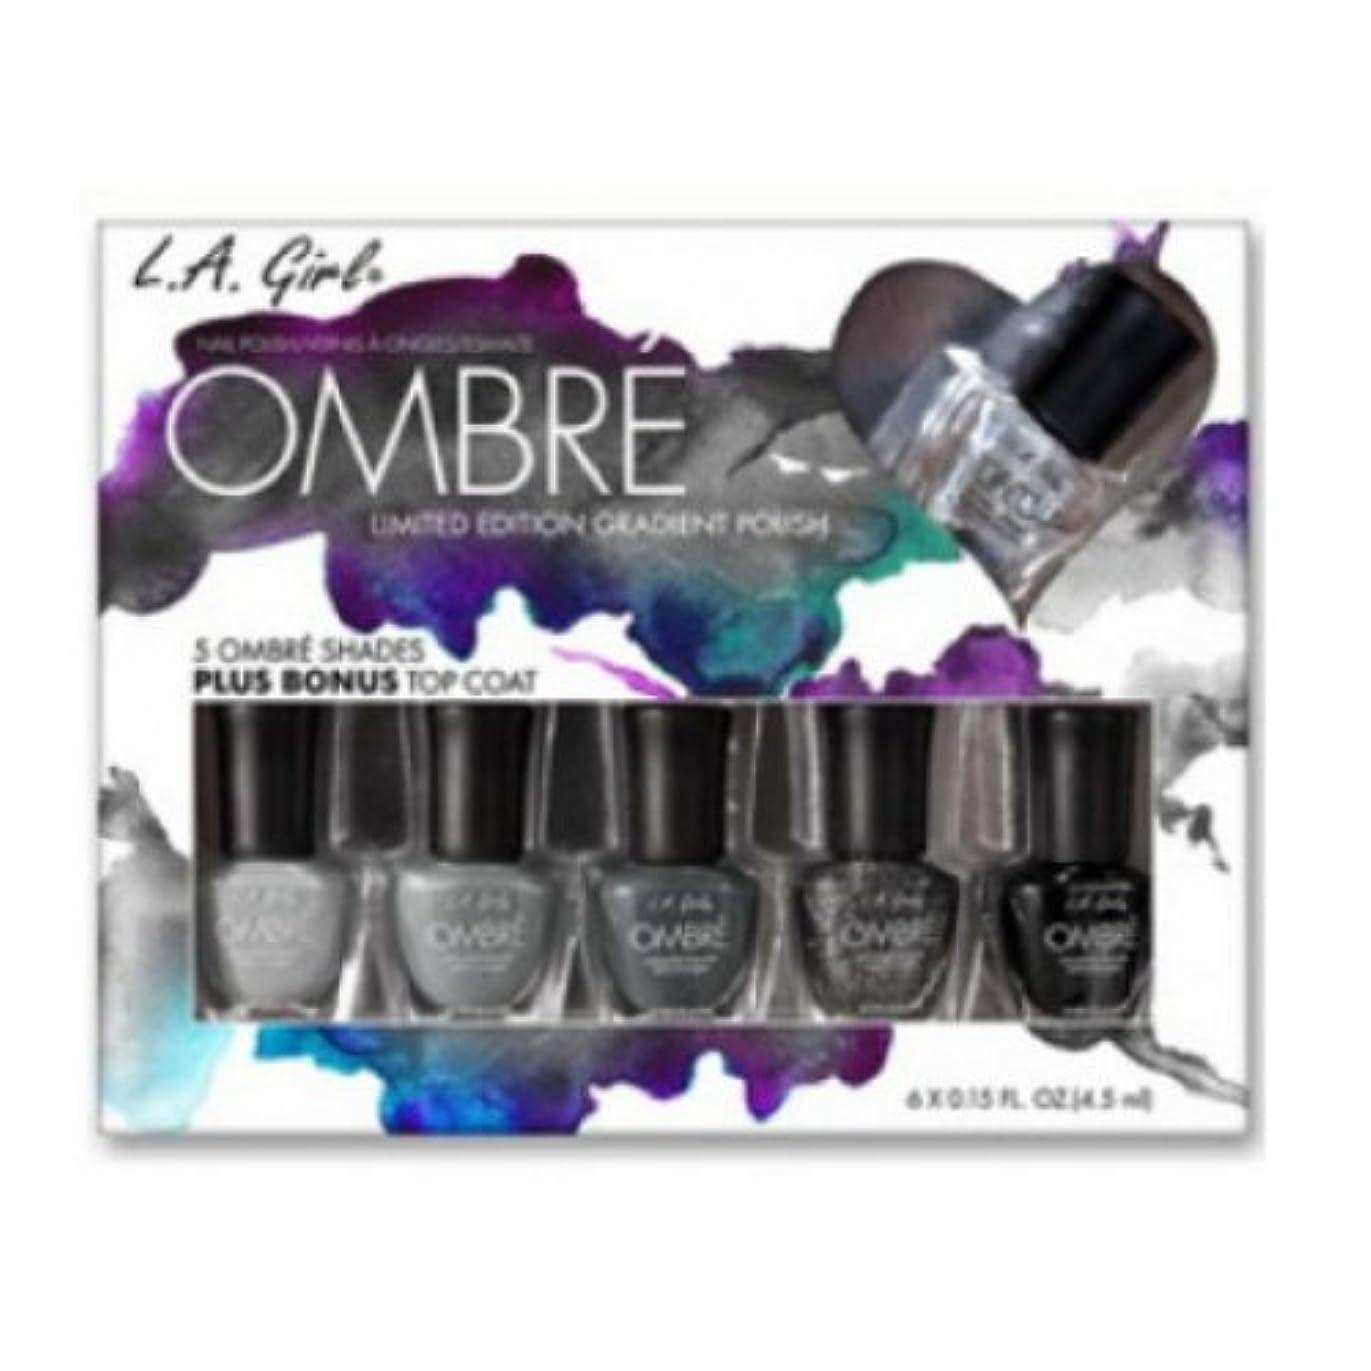 意図する優れたチャンス(3 Pack) L.A. GIRL Ombre Limited Edition Gradient Polish Set - Midnite (並行輸入品)